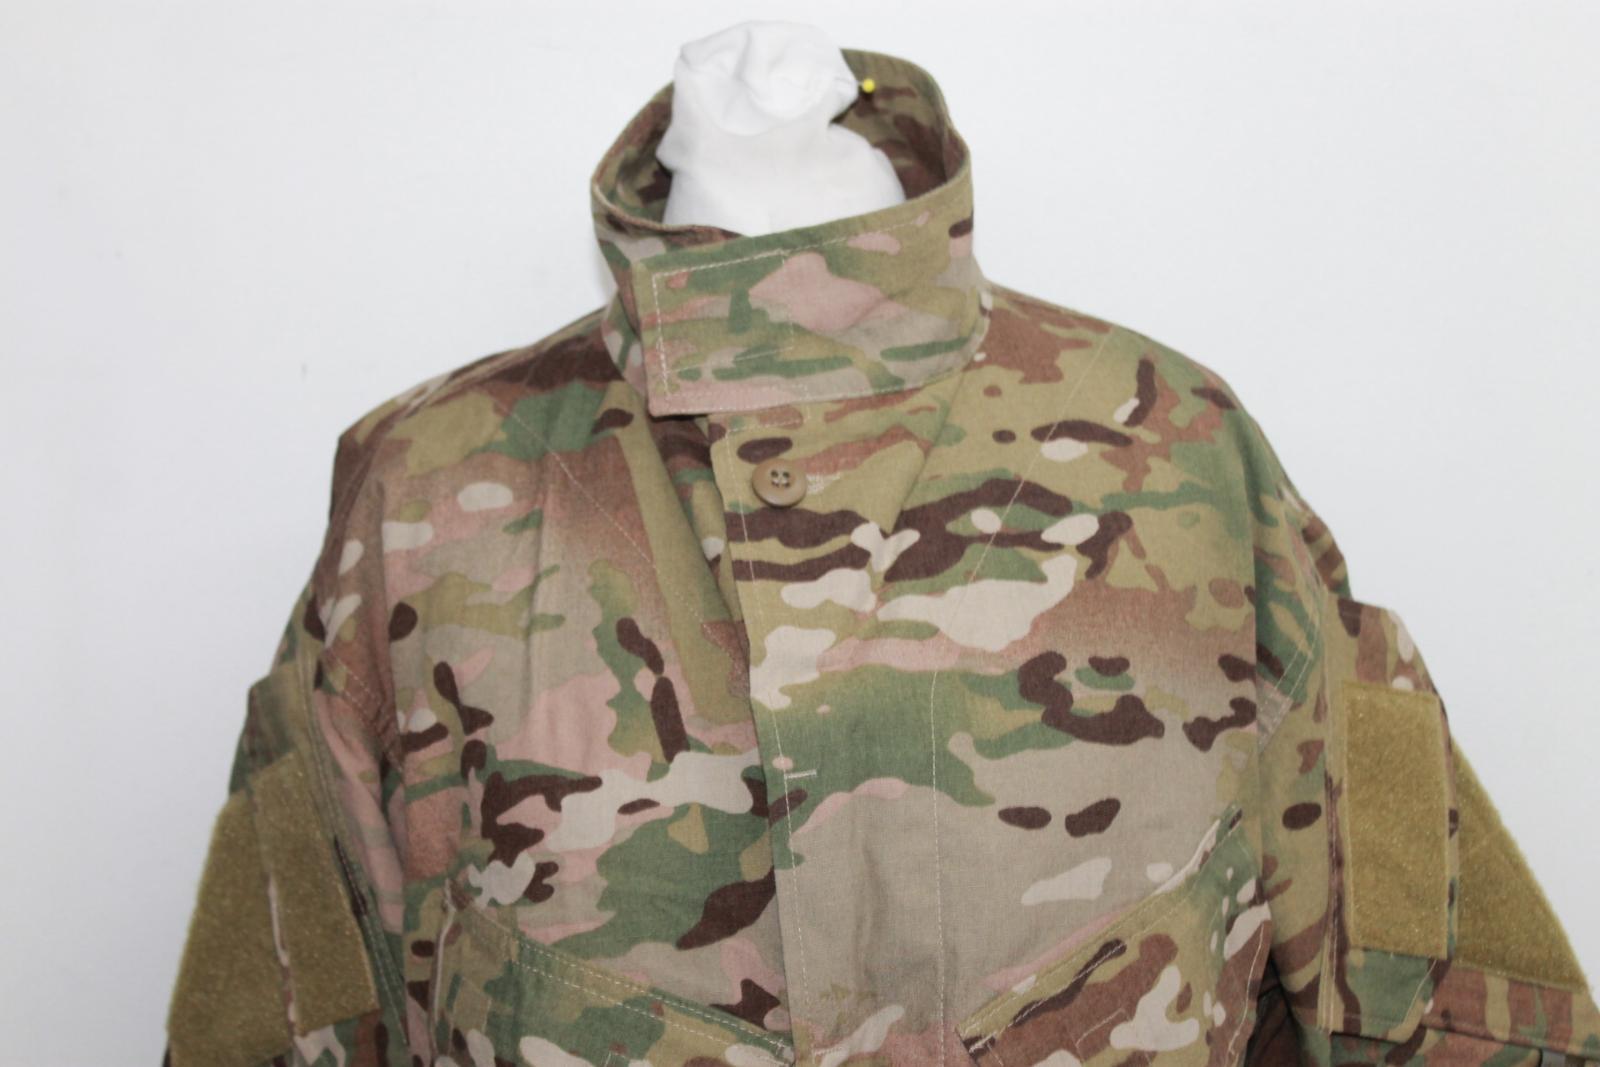 NUOVO Cyre Precision uomo FIELD FIELD FIELD Esercito Multicam Camicia FS4 FR uniforme taglia MD R fb5518